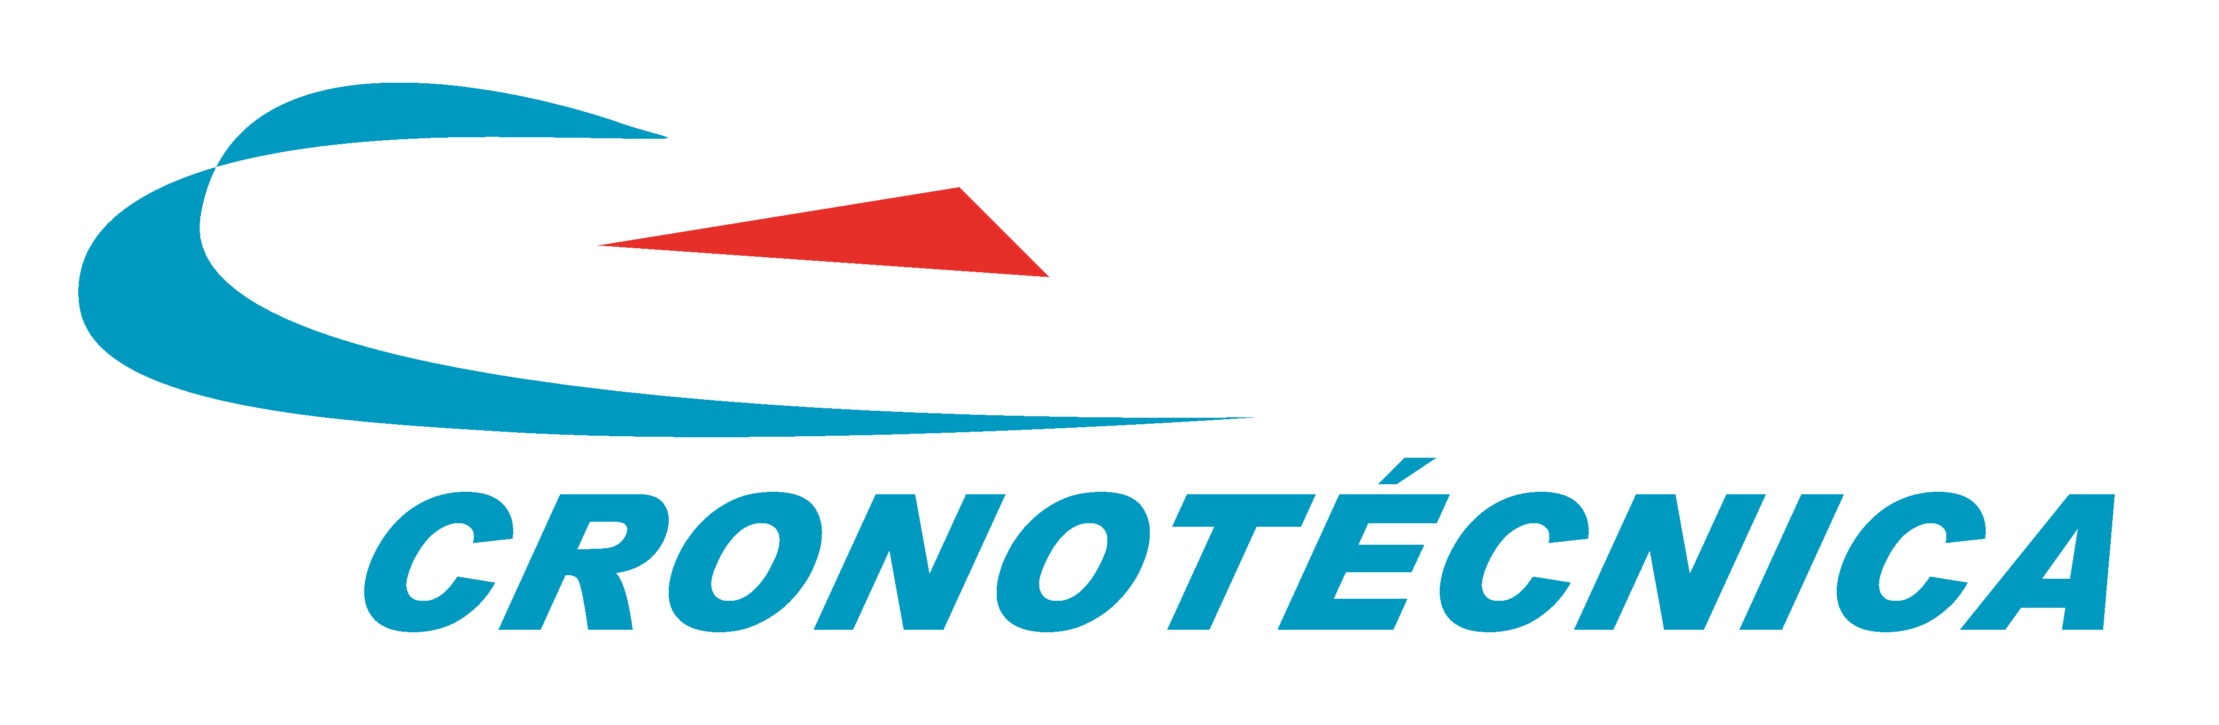 Logo CRONOTÉCNICA | Clique aqui para voltar à página inicial